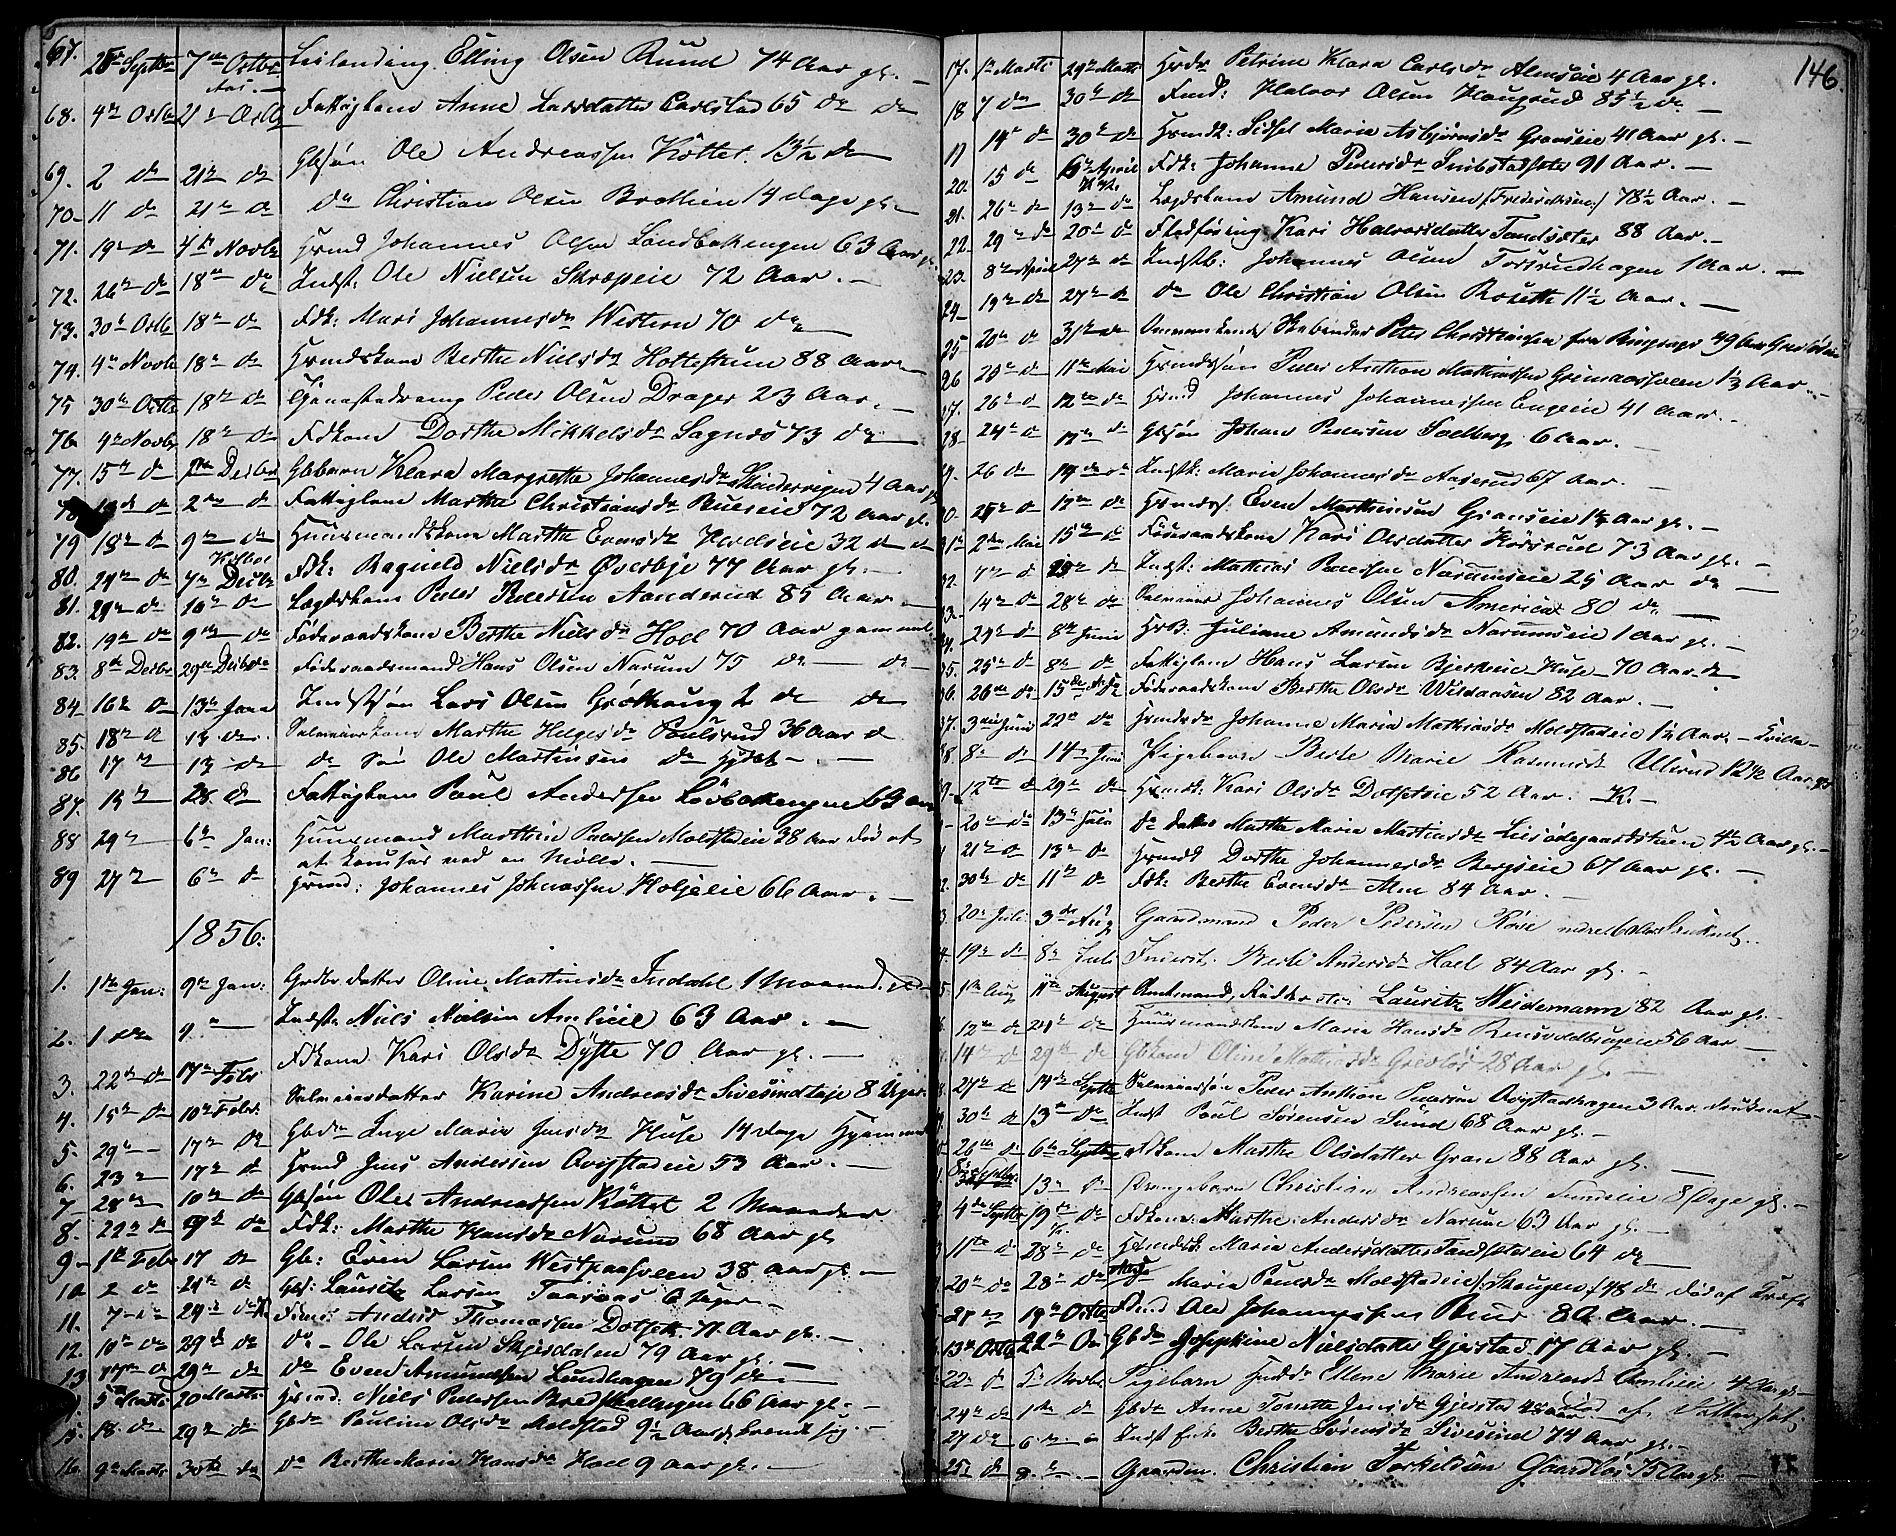 SAH, Vestre Toten prestekontor, Klokkerbok nr. 5, 1854-1870, s. 146